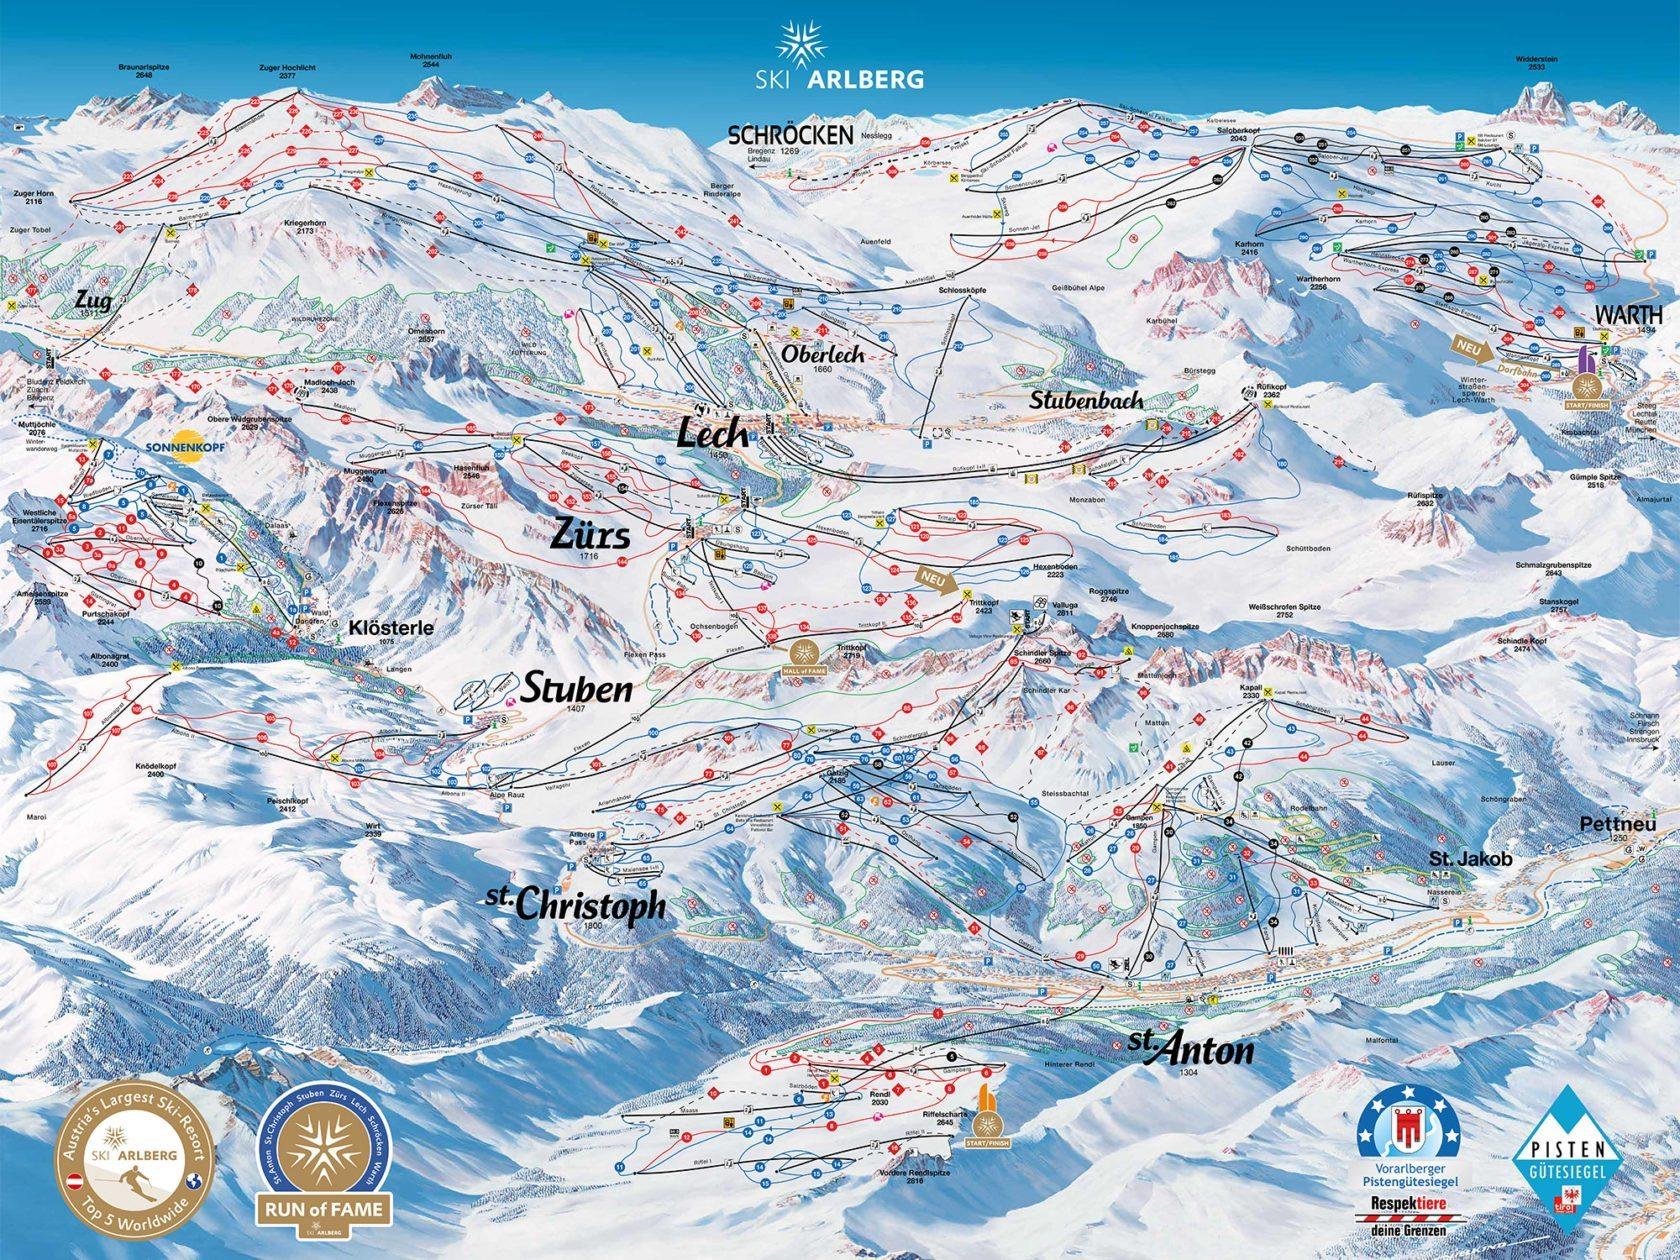 Almhof Schneider map